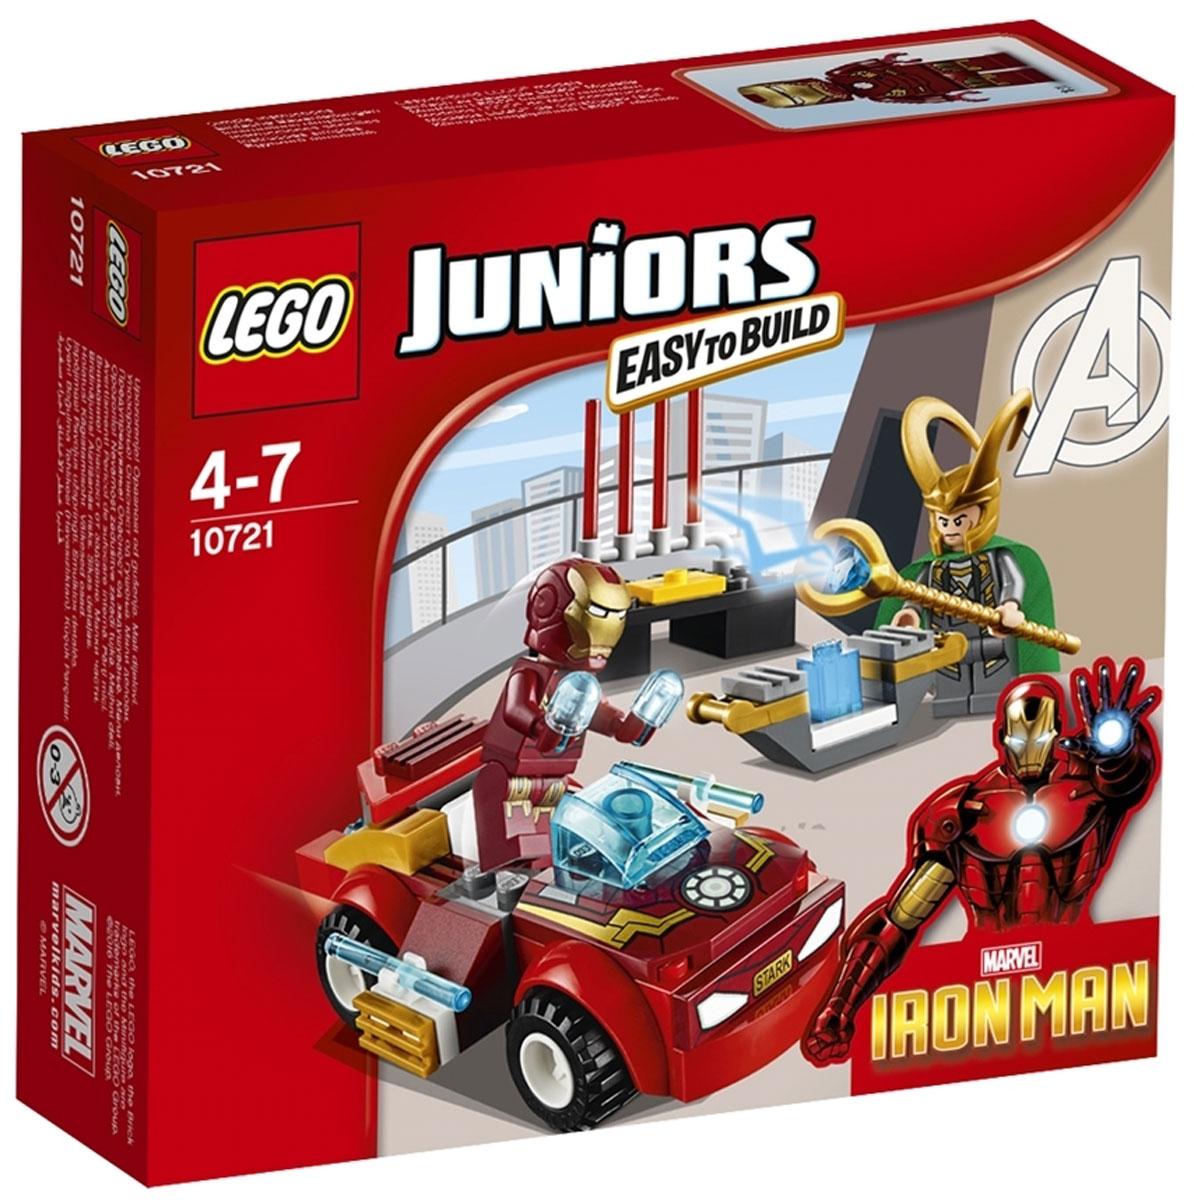 LEGO Juniors Конструктор Железный человек против Локи 1072110721Локи пытается украсть космический куб, но тут появляется Железный человек в своей суперскоростной машине! Сможет ли наш герой использовать свои особые способности, чтобы победить Локи? Только ты можешь это решить! Конструктор LEGO Juniors Железный человек против Локи включает в себя 66 разноцветных пластиковых элементов с двумя фигурками. Конструктор - это один из самых увлекательных и веселых способов времяпрепровождения. Ребенок сможет часами играть с конструктором, придумывая различные ситуации и истории.